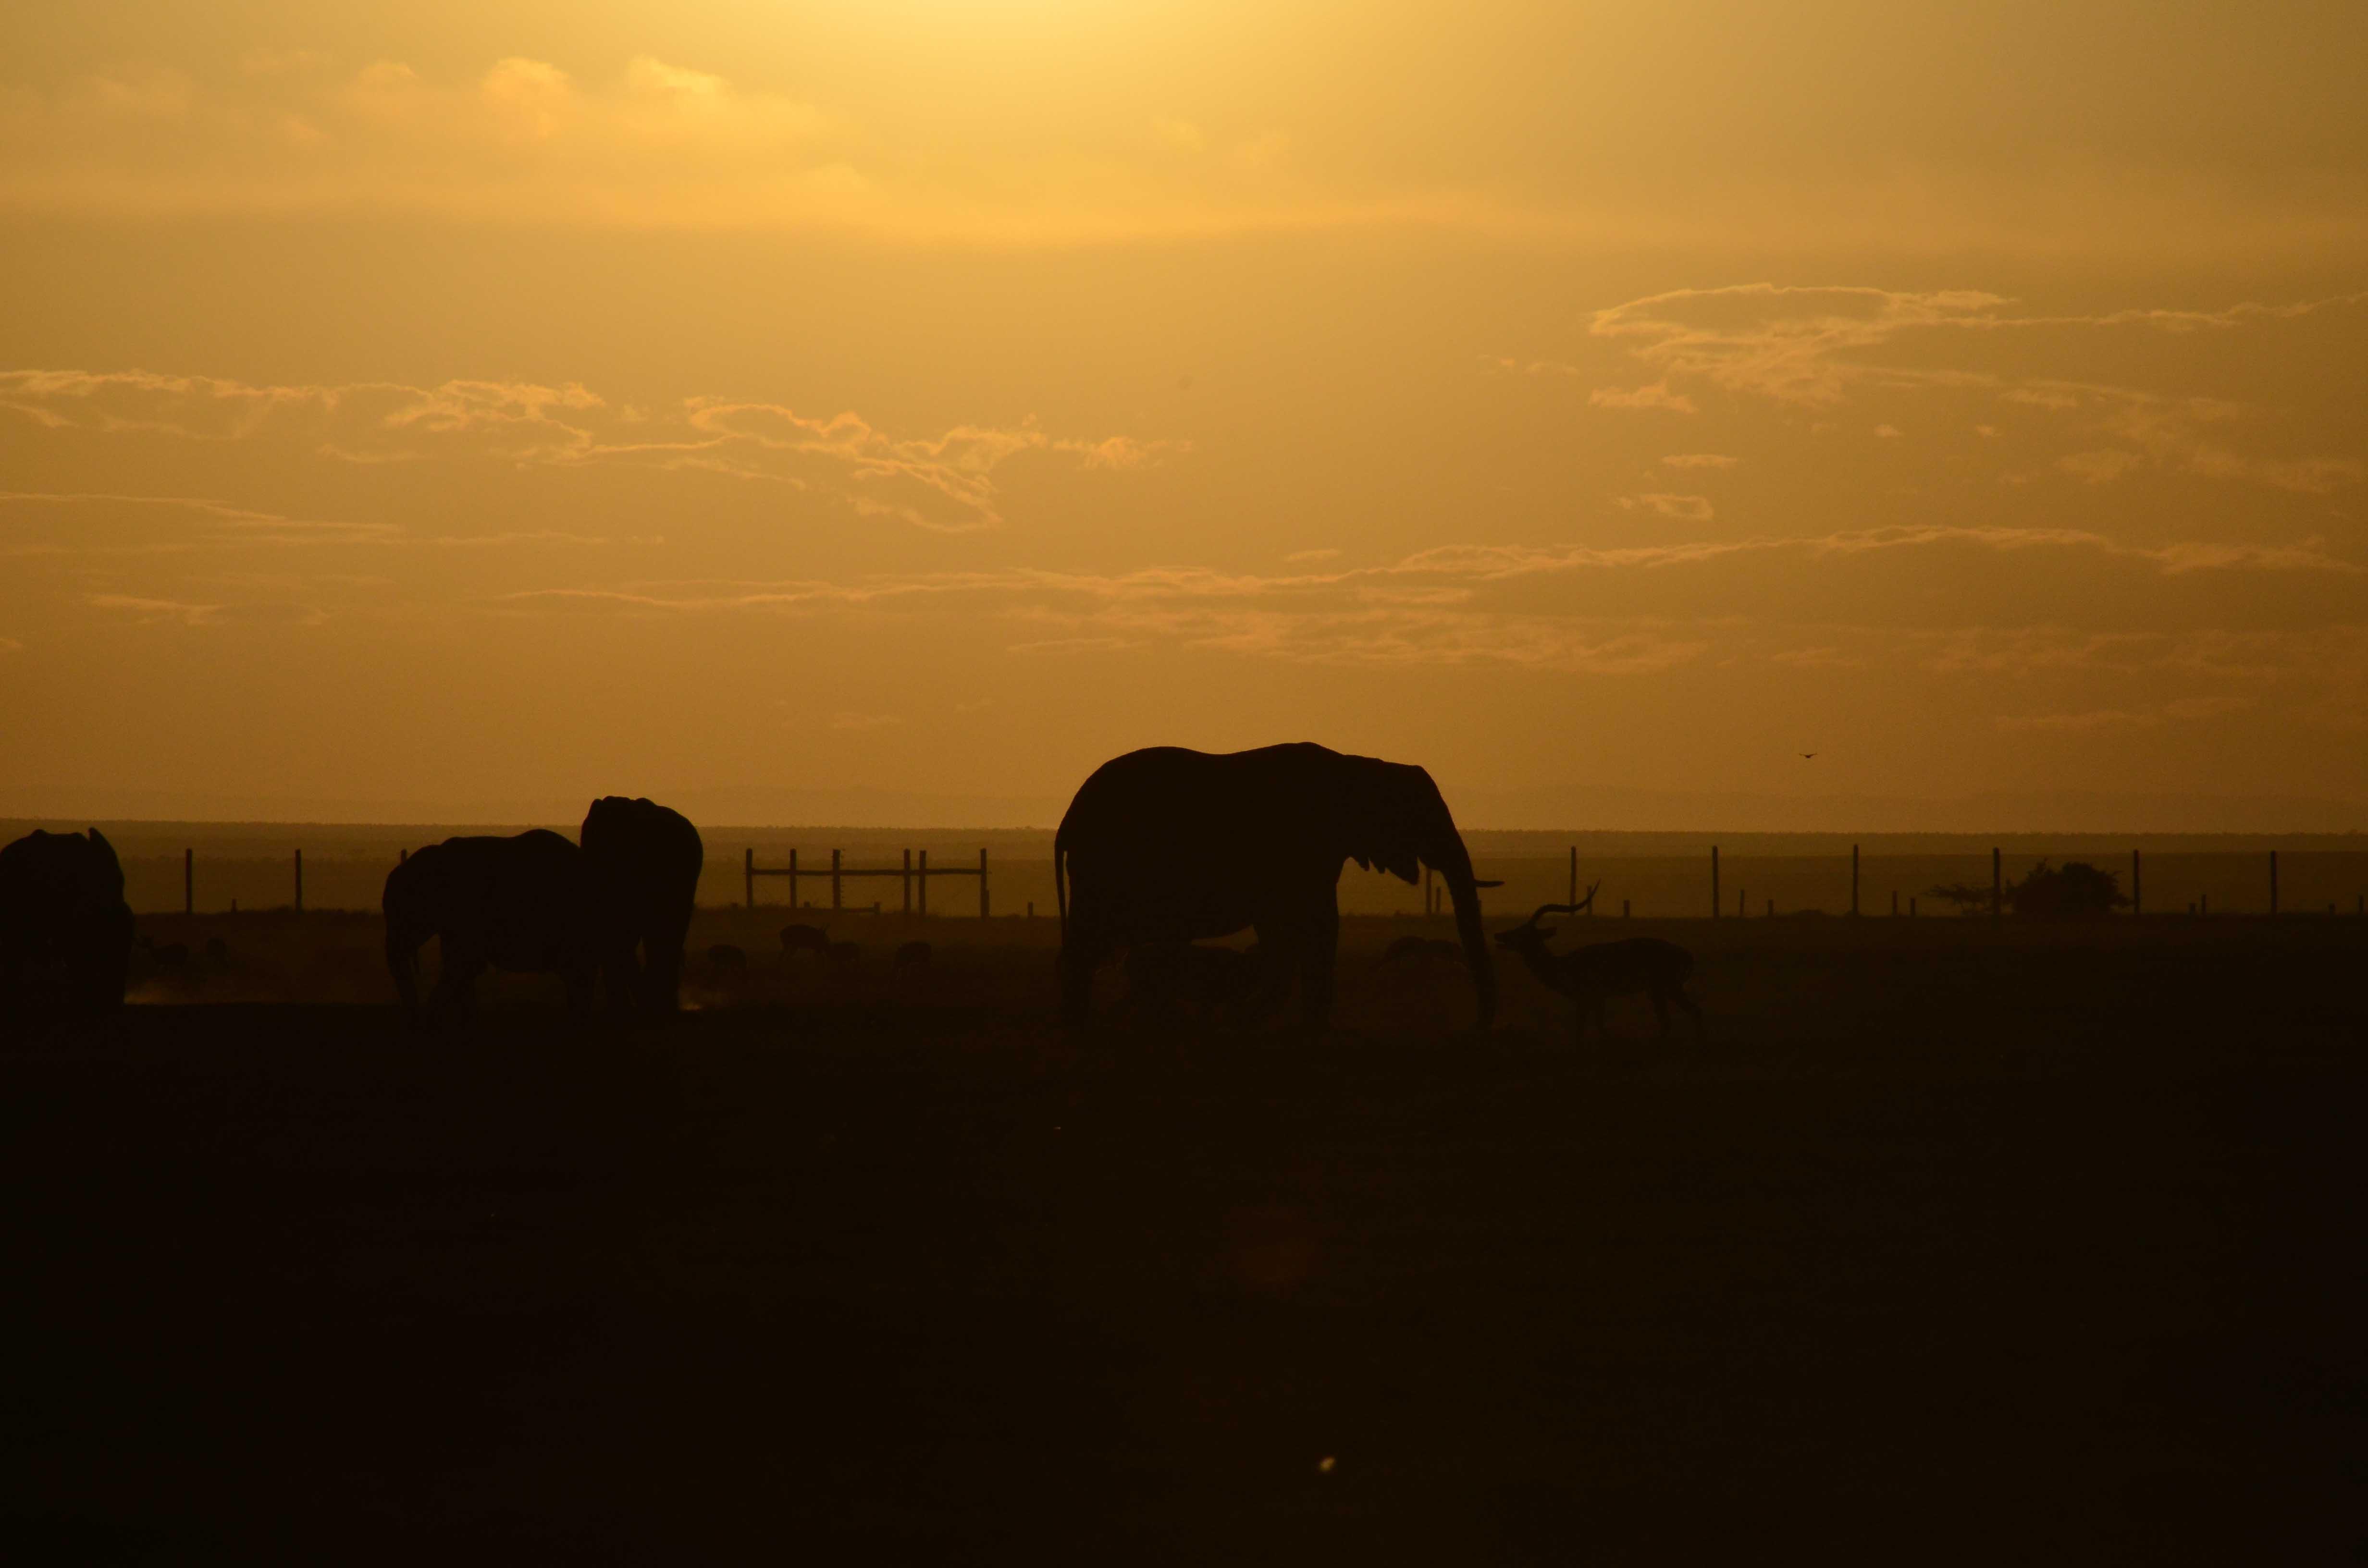 Atardecer en safari en Kenia